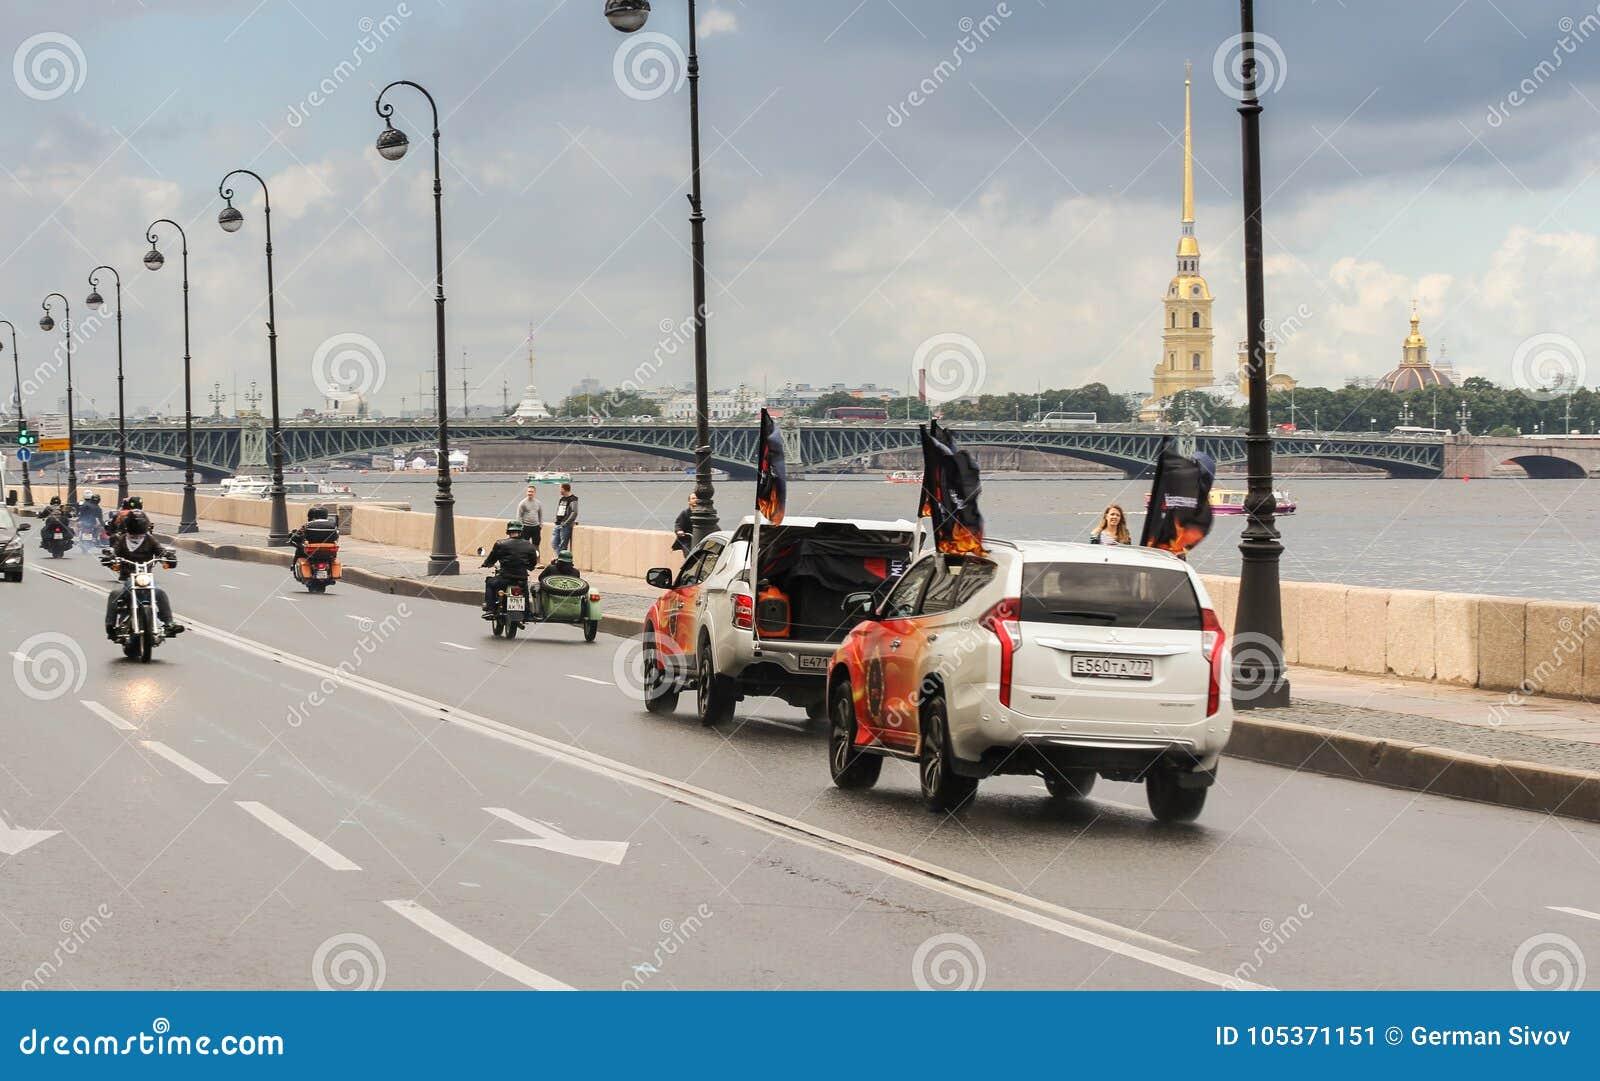 st petersburg escort